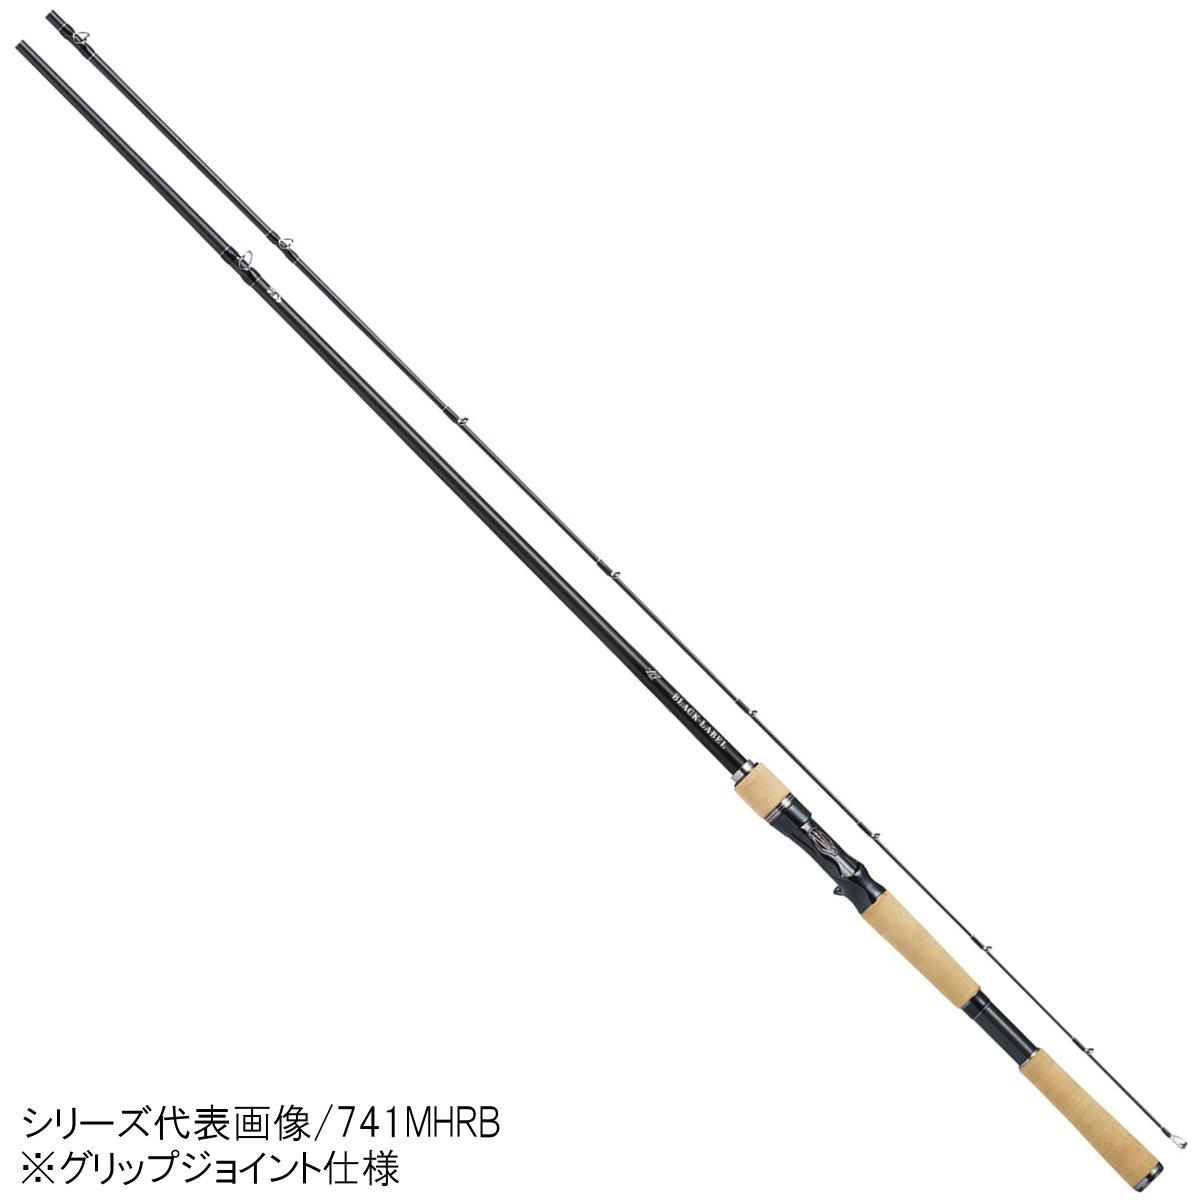 ダイワ ブラックレーベル LG(ベイトキャスティングモデル) 6101MLFB【大型商品】